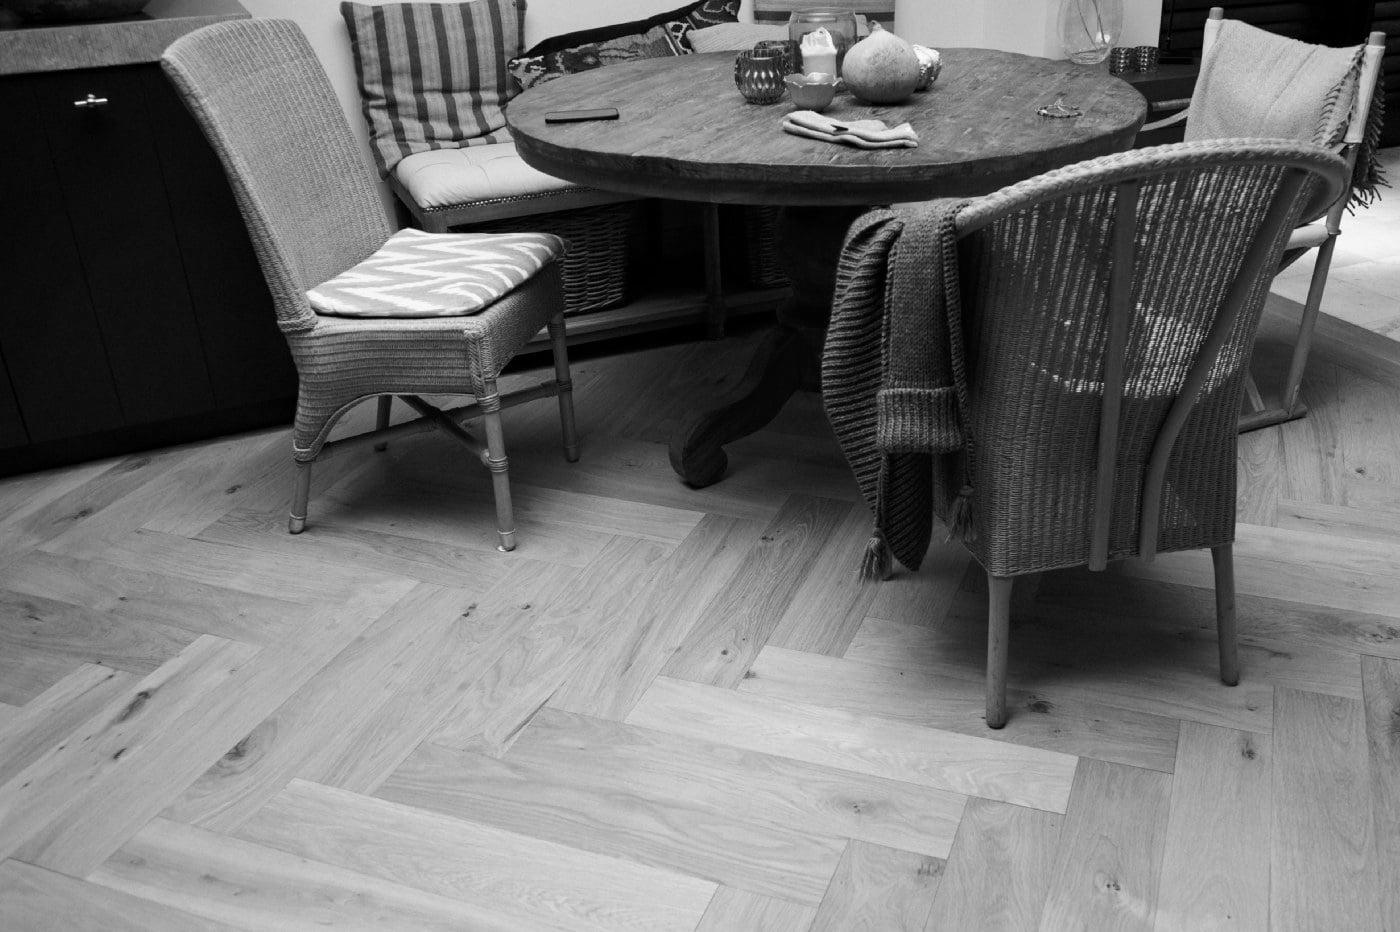 fischgr tparkett eiche extrabreit 140 ge lt. Black Bedroom Furniture Sets. Home Design Ideas